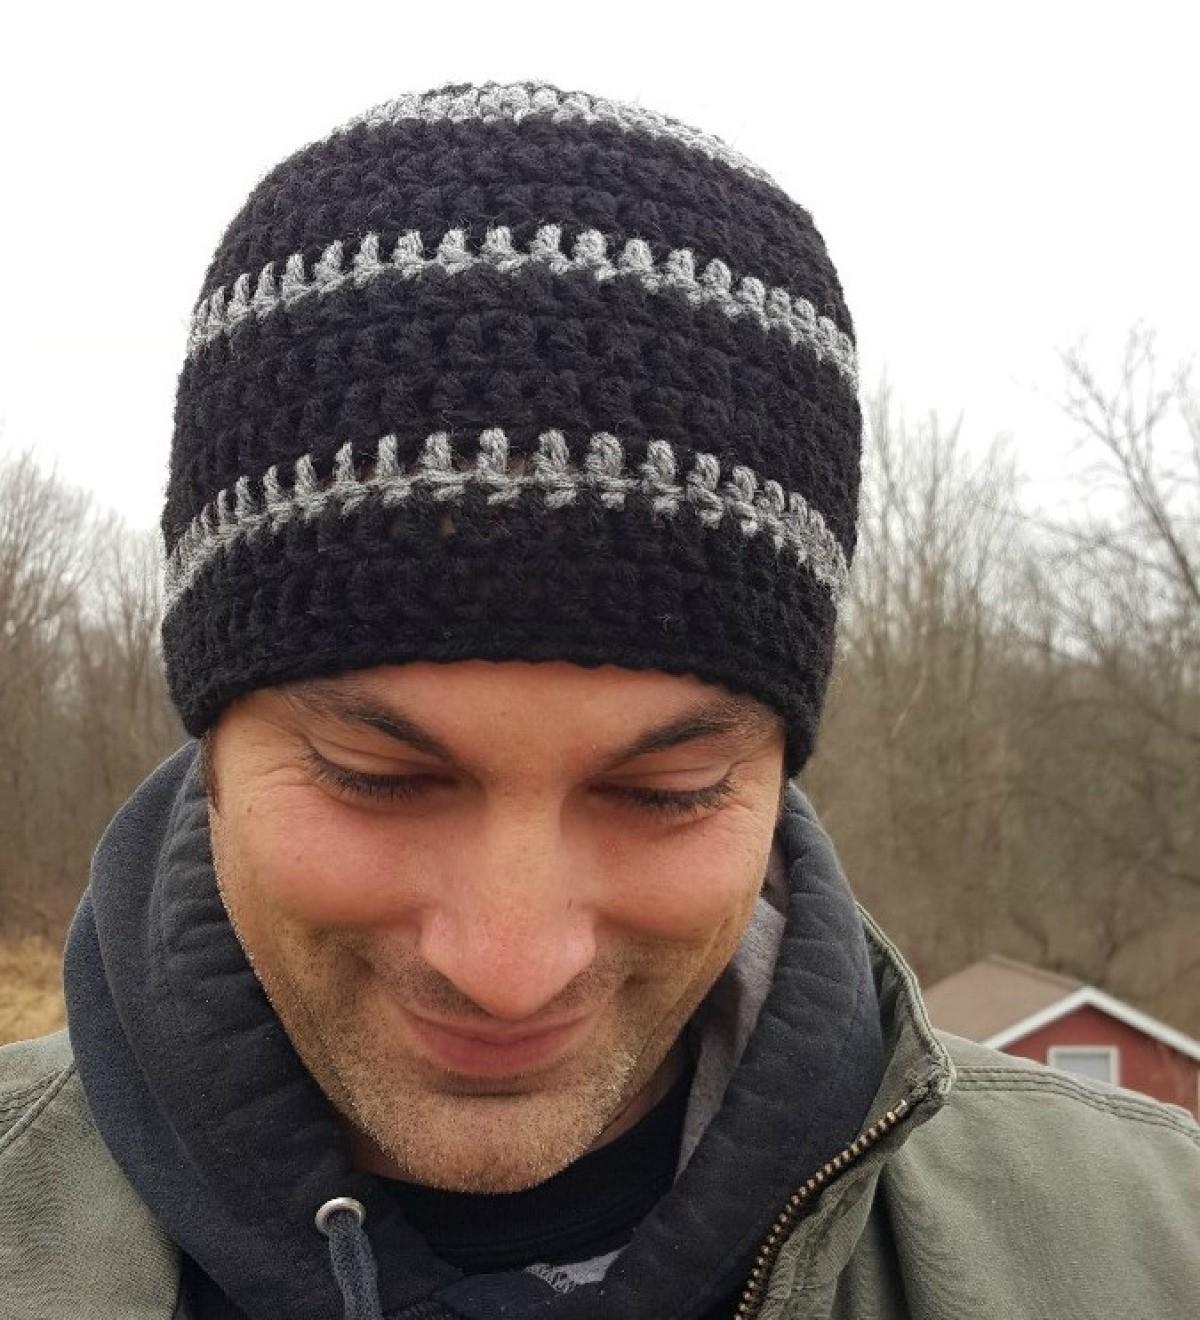 73a4ebebf75 Men s Crocheted Skull-Cap